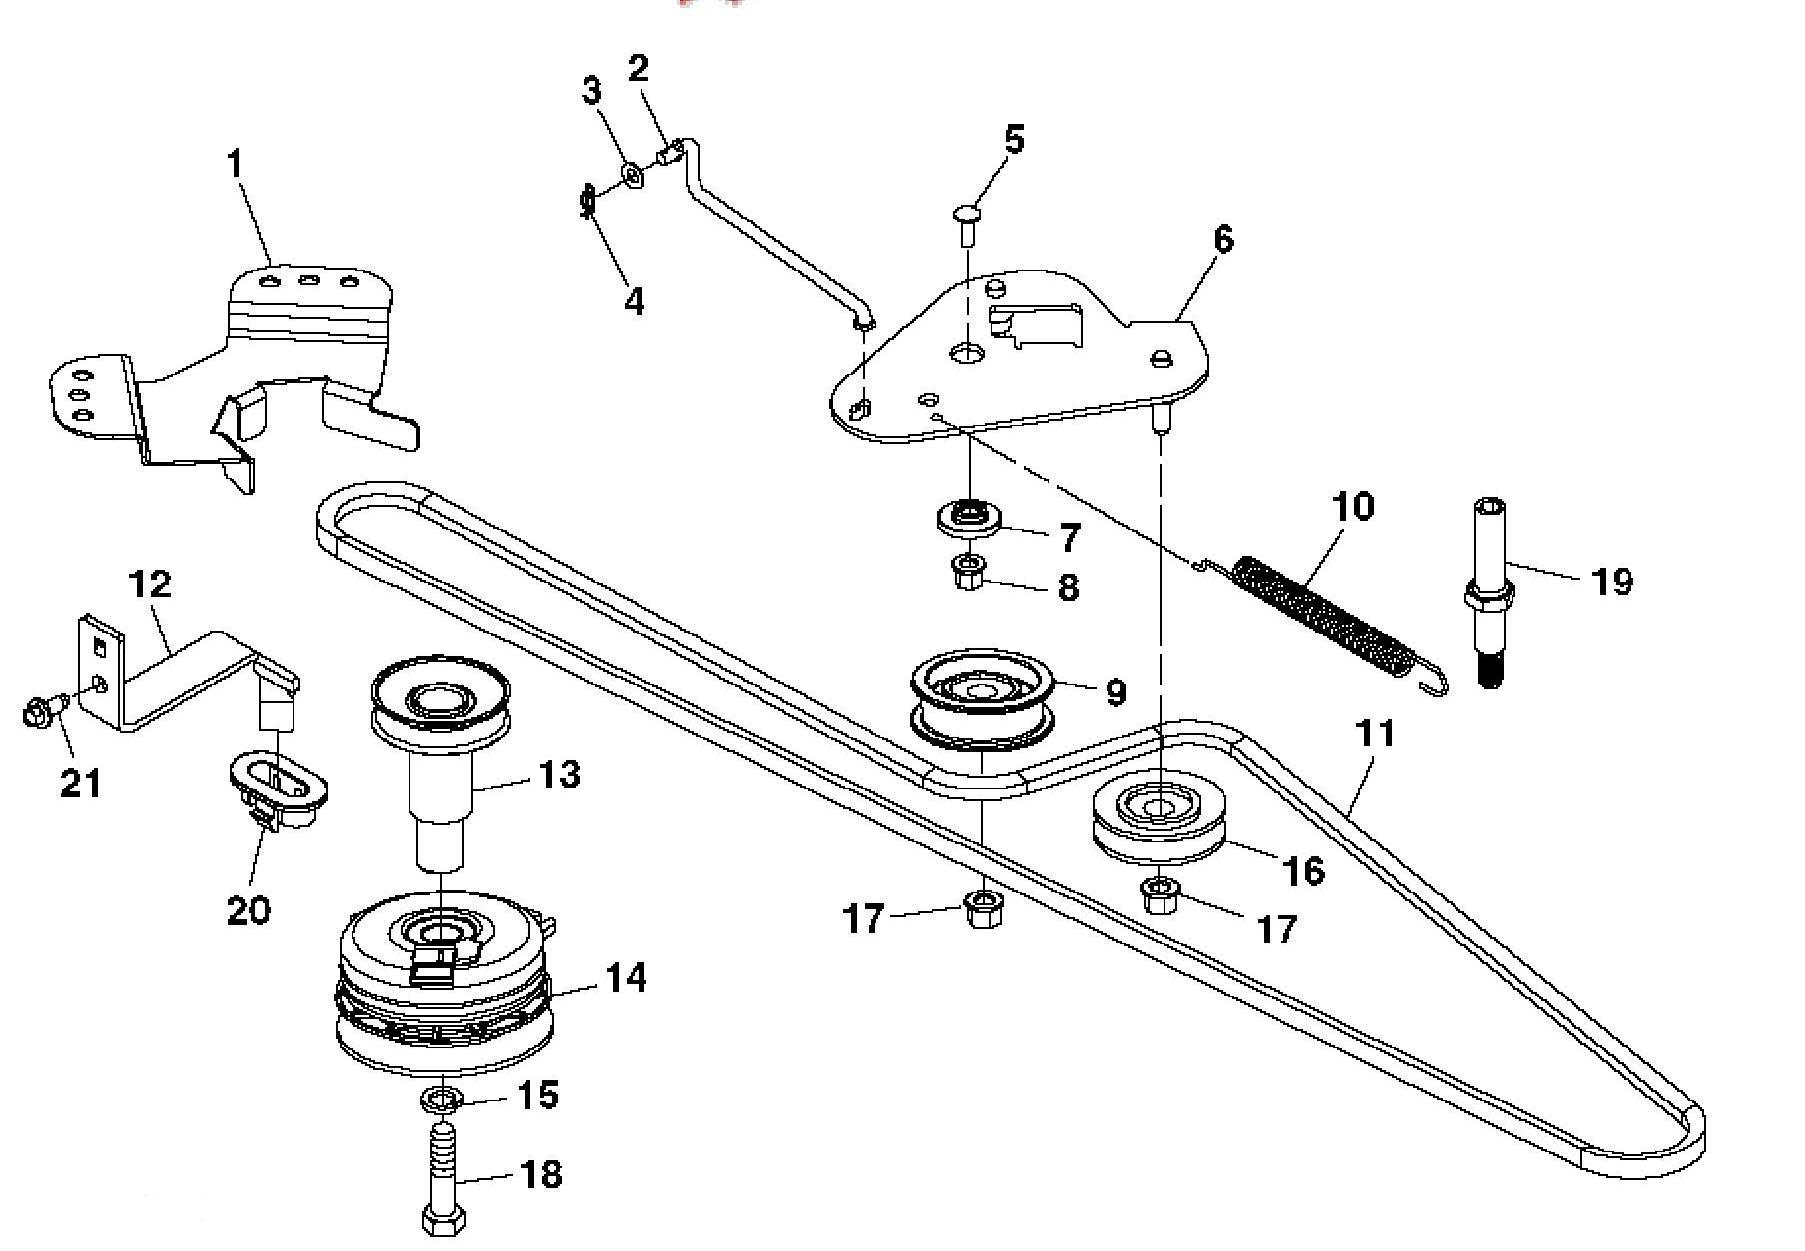 John Deere Parts Diagrams